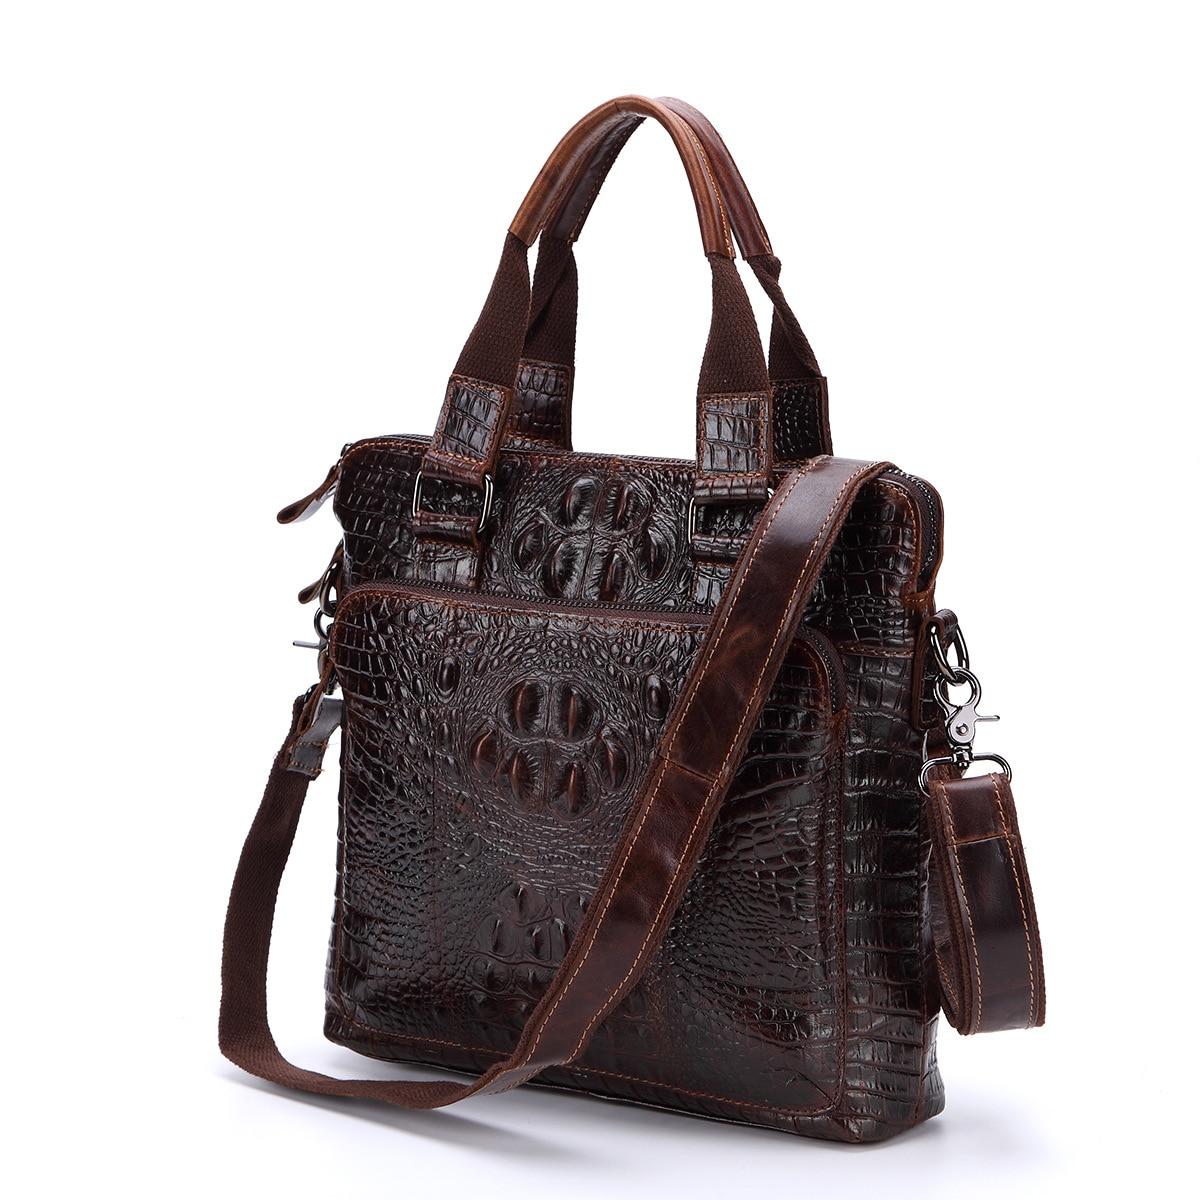 Leather men's bag Men's business vertical leather crocodile pattern handbag oil wax layer leather shoulder Messenger bag